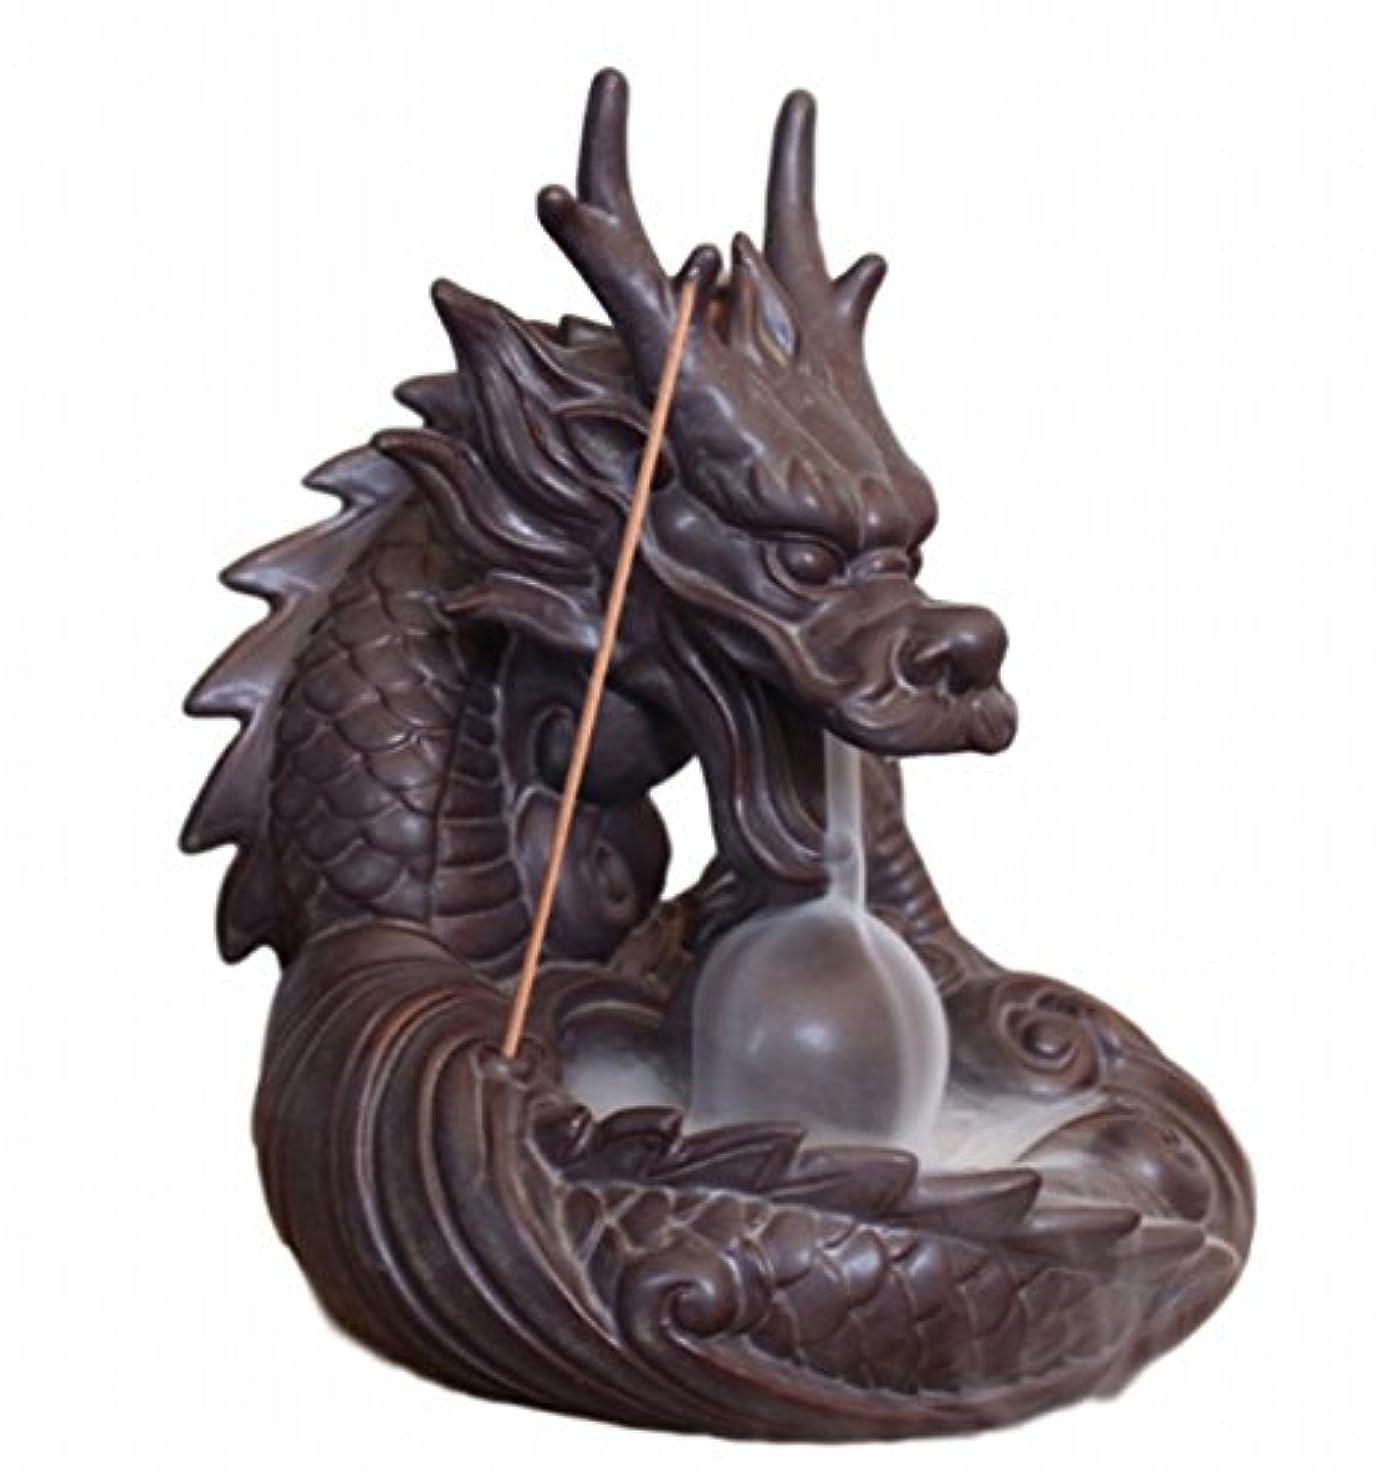 荒野接ぎ木水没【Rurumiマーケット】不思議なお香 倒流香 用 香炉 ドラゴン お試しお香付き 流川香 陶器製 (ドラゴンB)